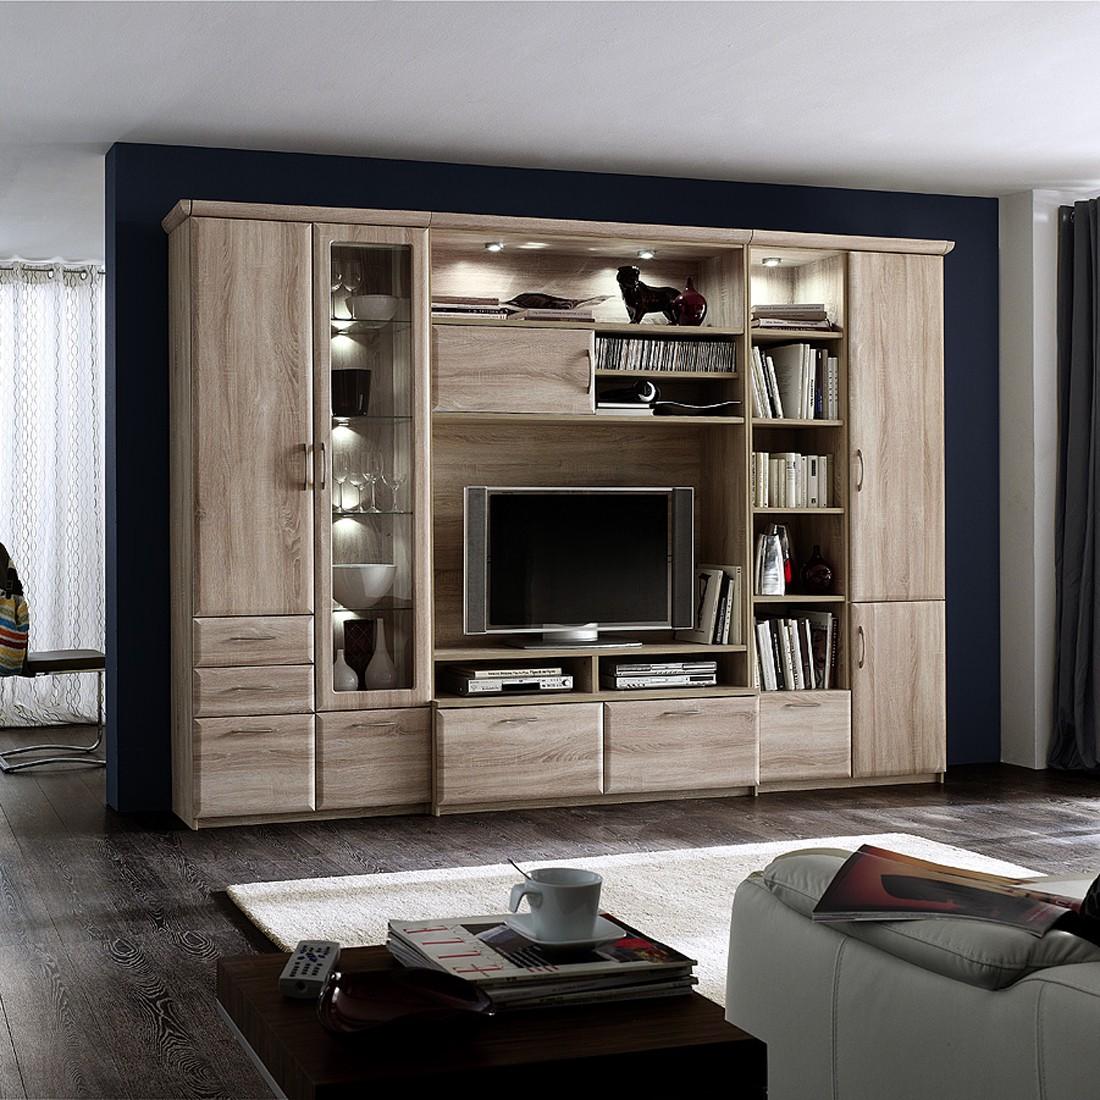 wohnkombinaton brixen glasvitrine links sonoma eiche dekor mit beleuchtung. Black Bedroom Furniture Sets. Home Design Ideas